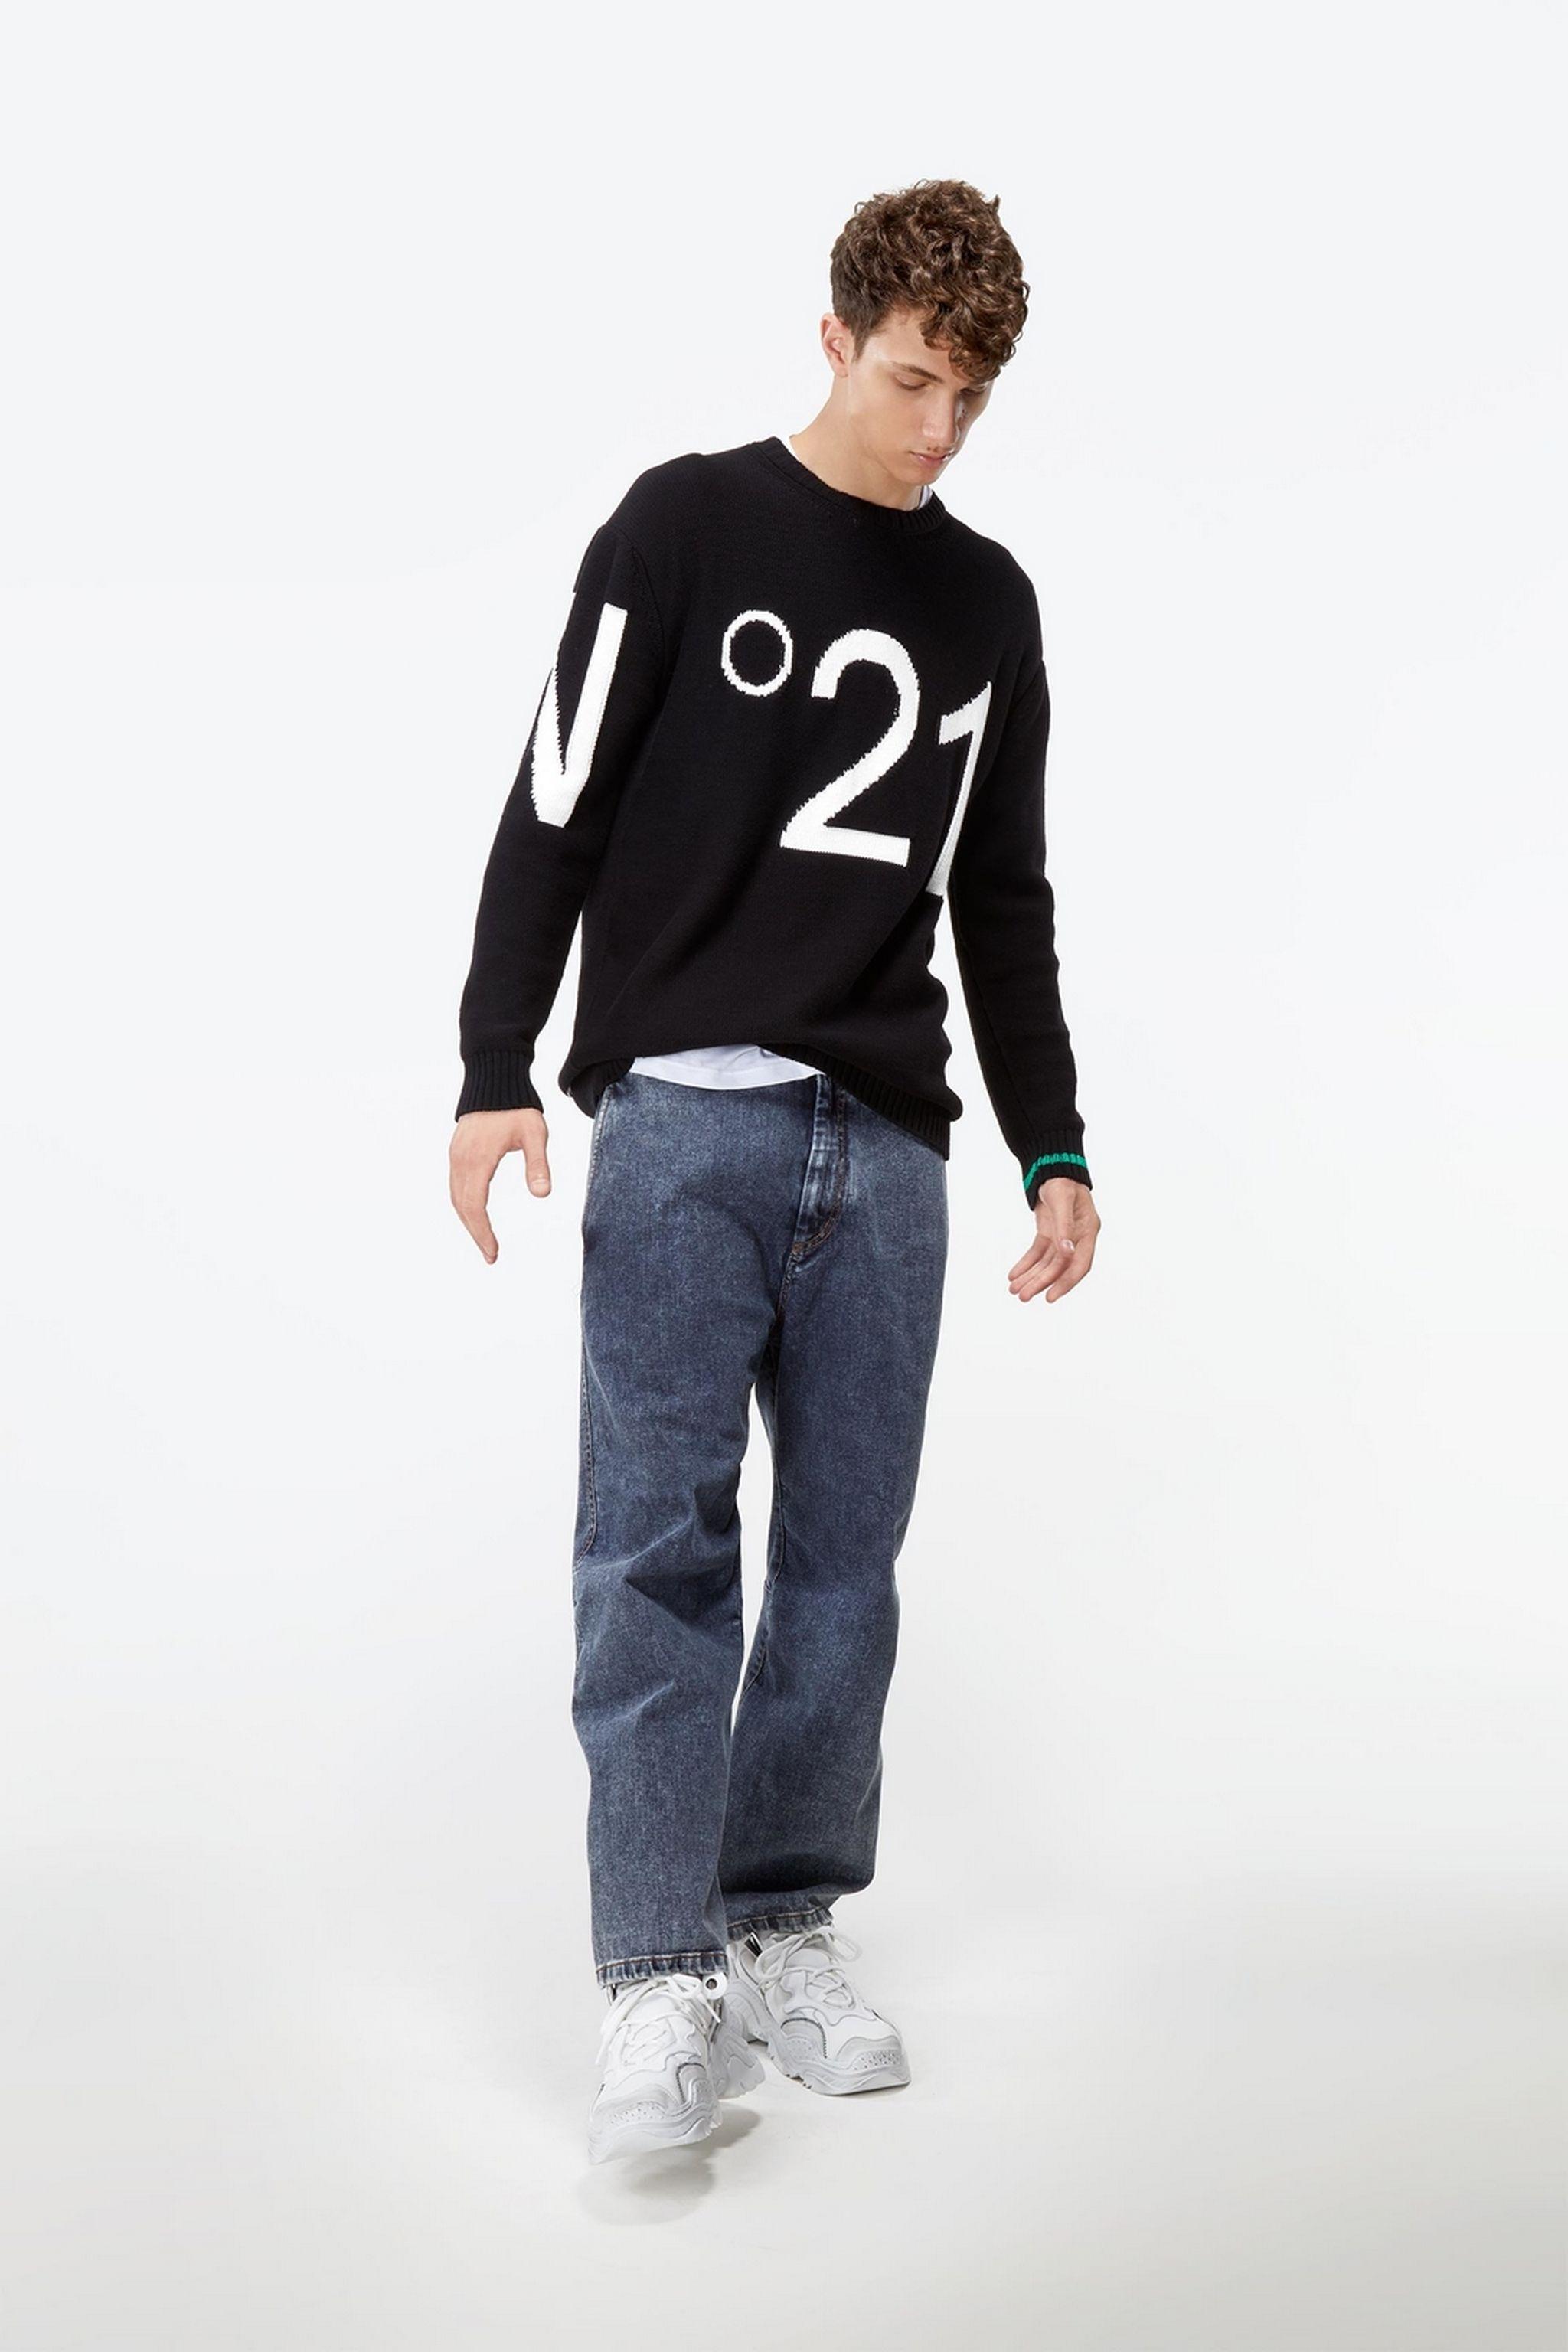 no21-crew-neck-logo-sweater_13147230_15513099_2048